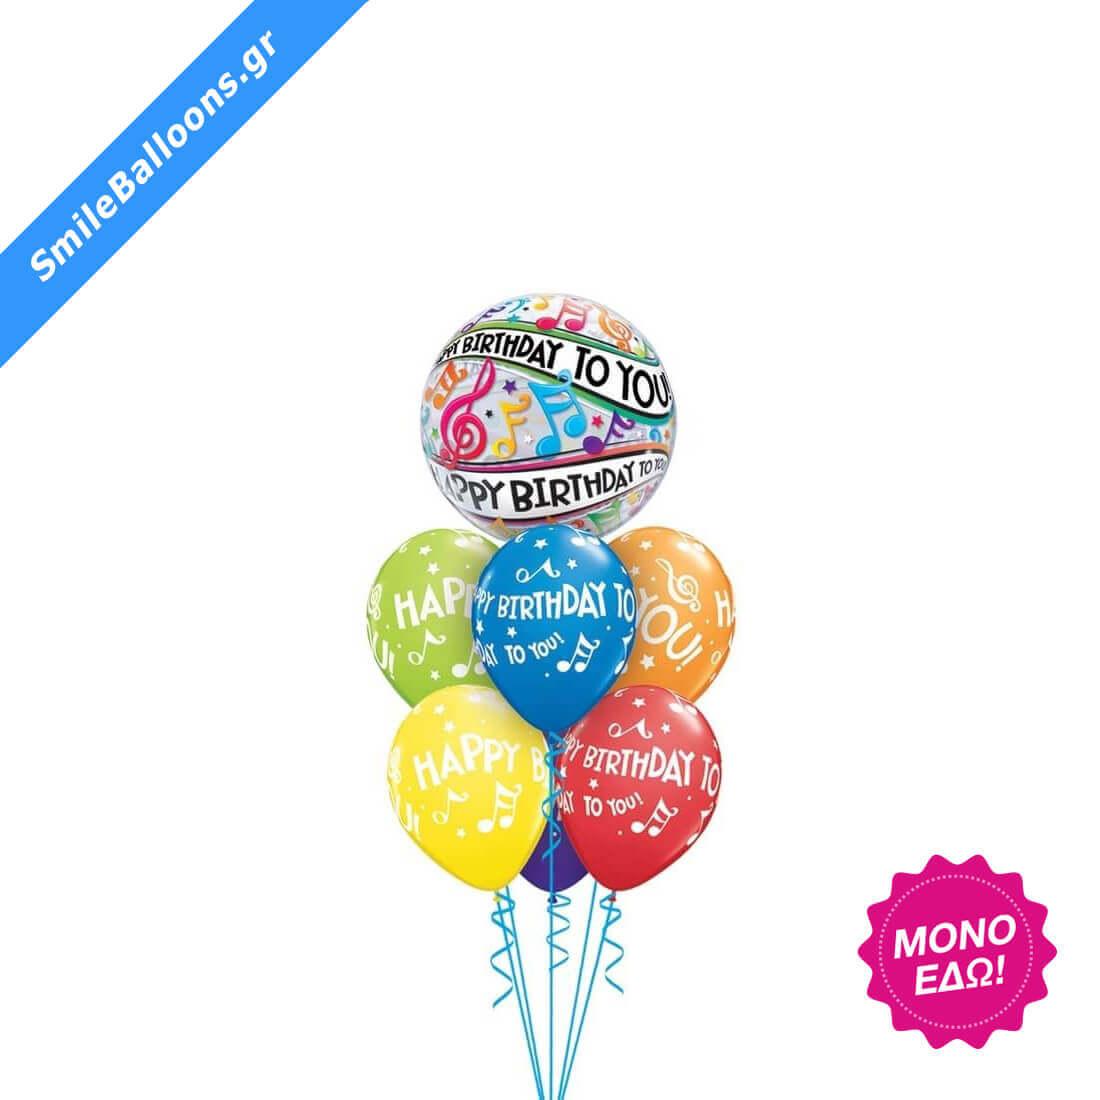 """Μπουκέτο μπαλονιών """"Happy Birthday Music Note"""""""